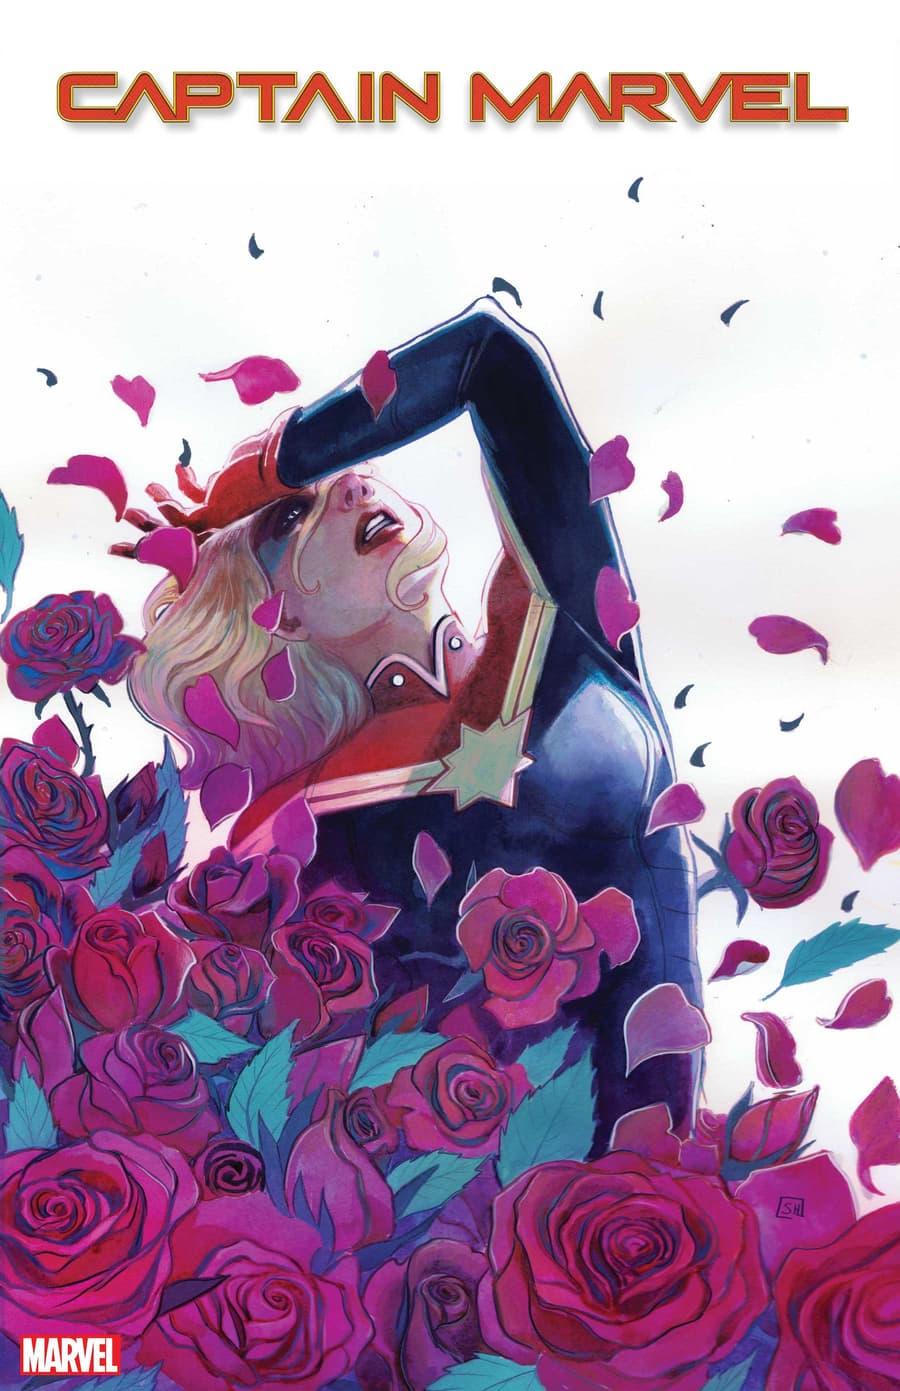 CAPTAIN MARVEL #27 variant cover by Stephanie Hans